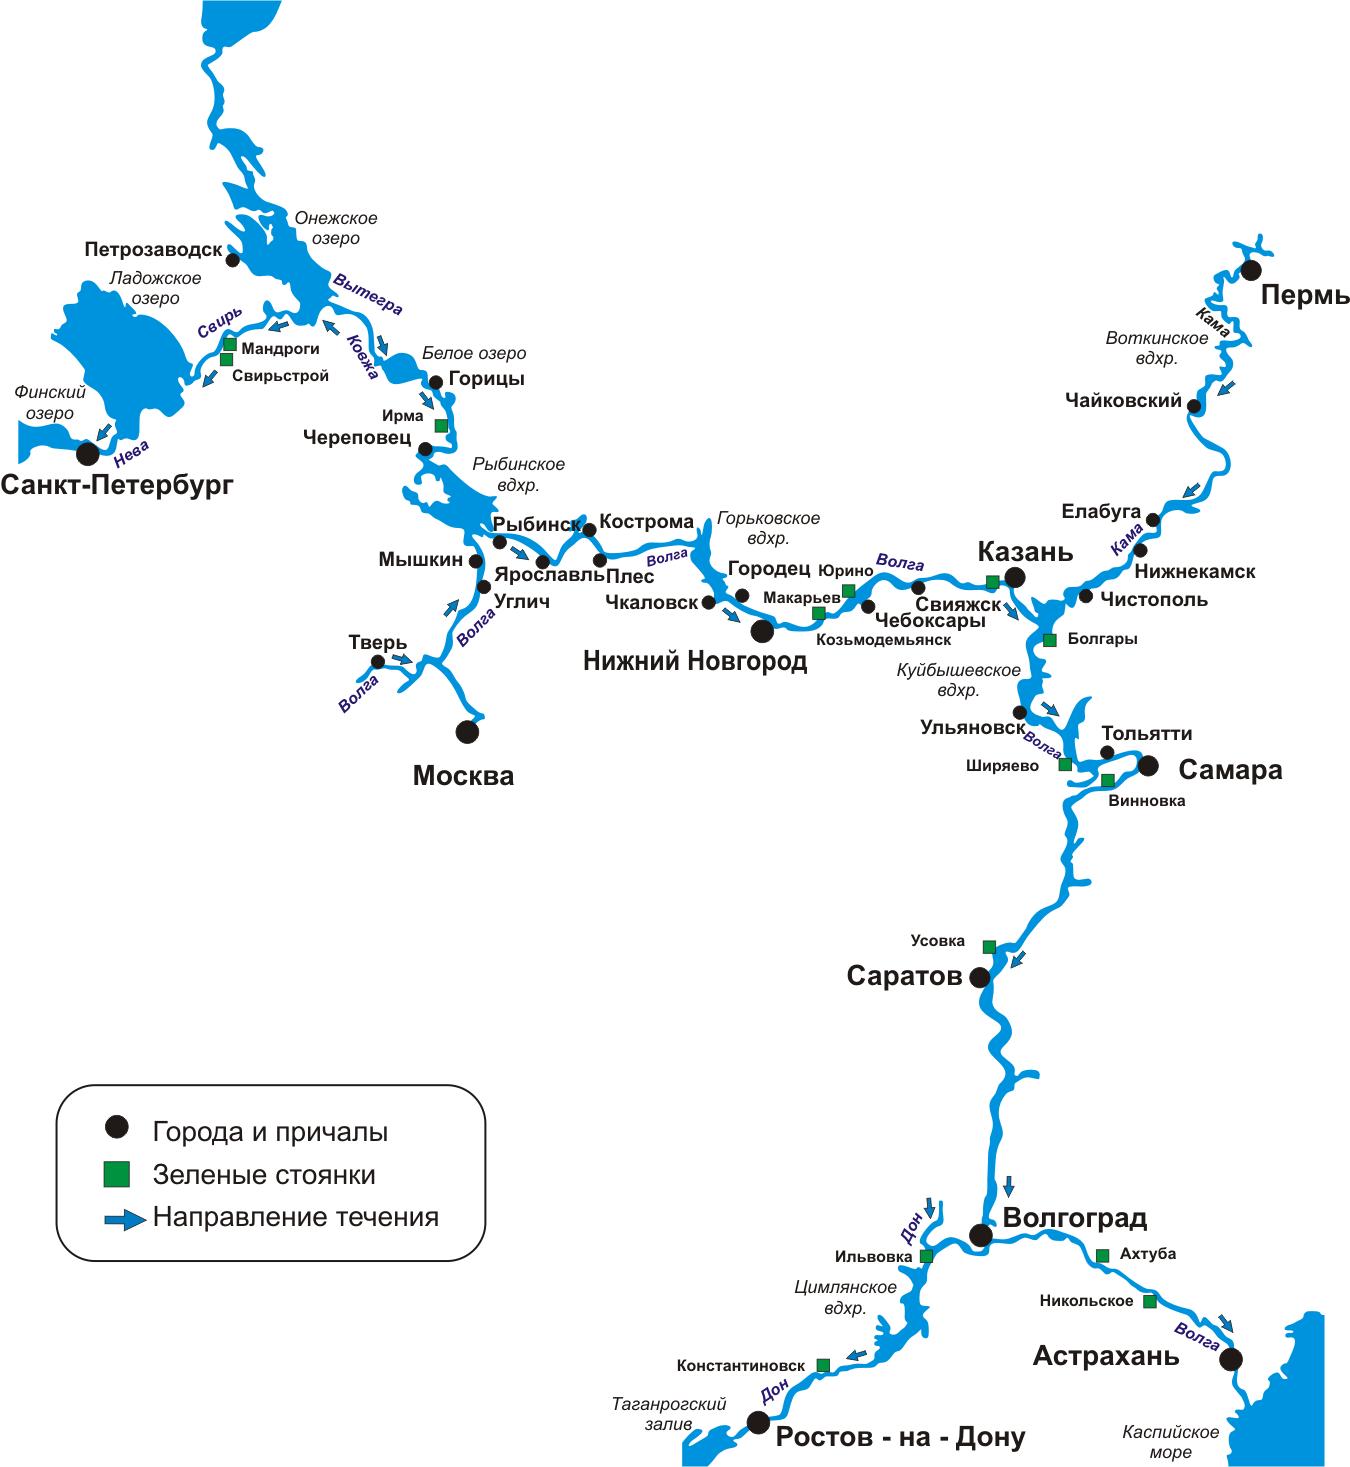 Схема речных круизов по Волге